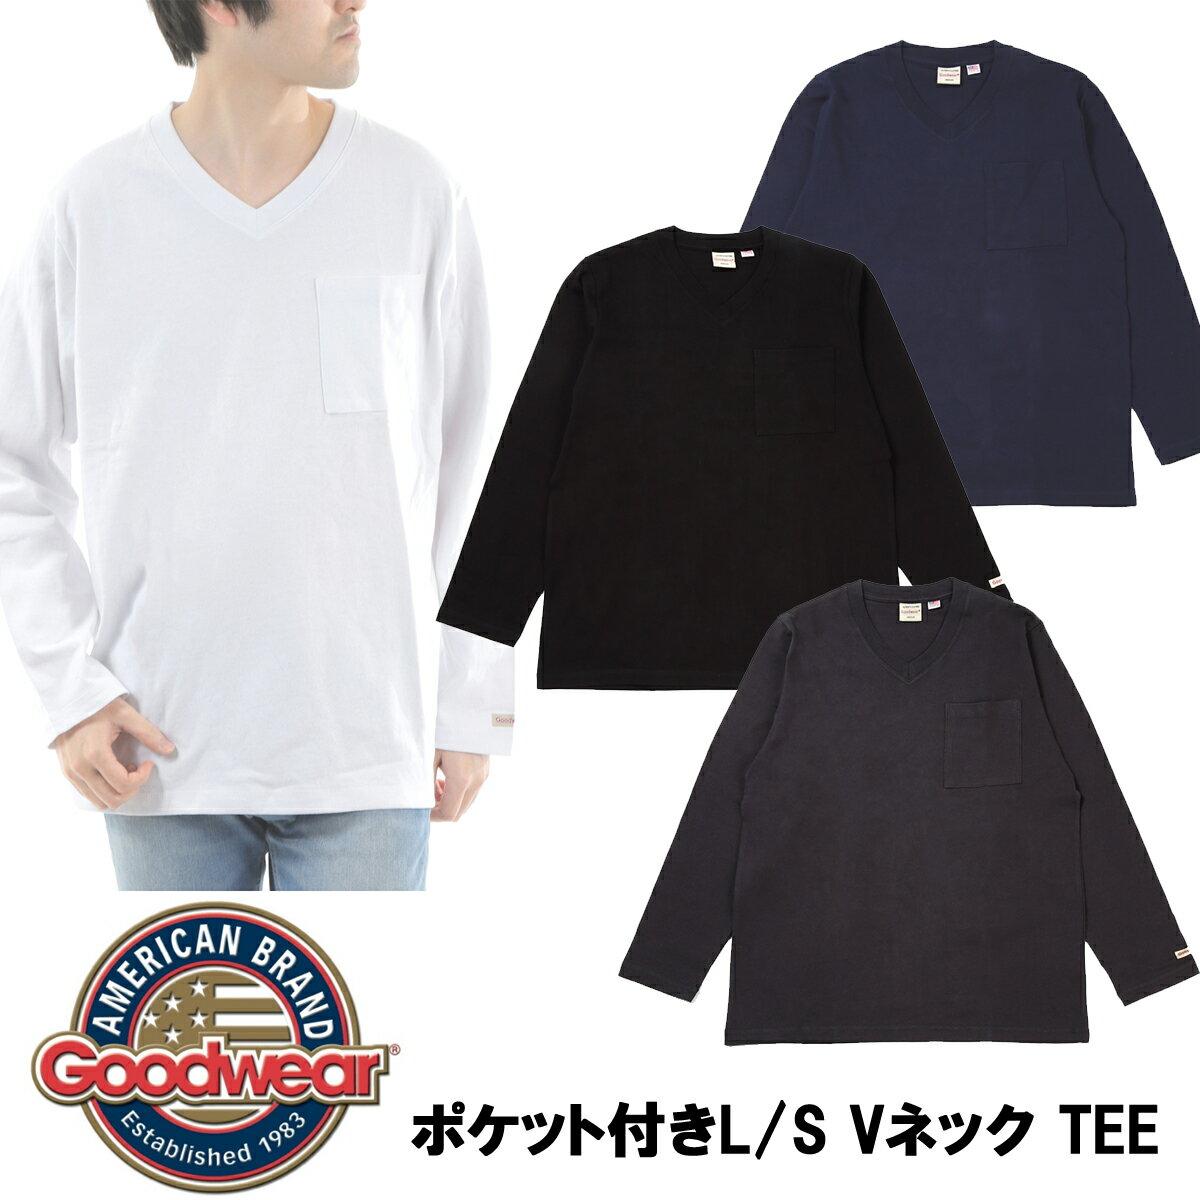 トップス, Tシャツ・カットソー GOODWEARLS V TEE 2W7-95014